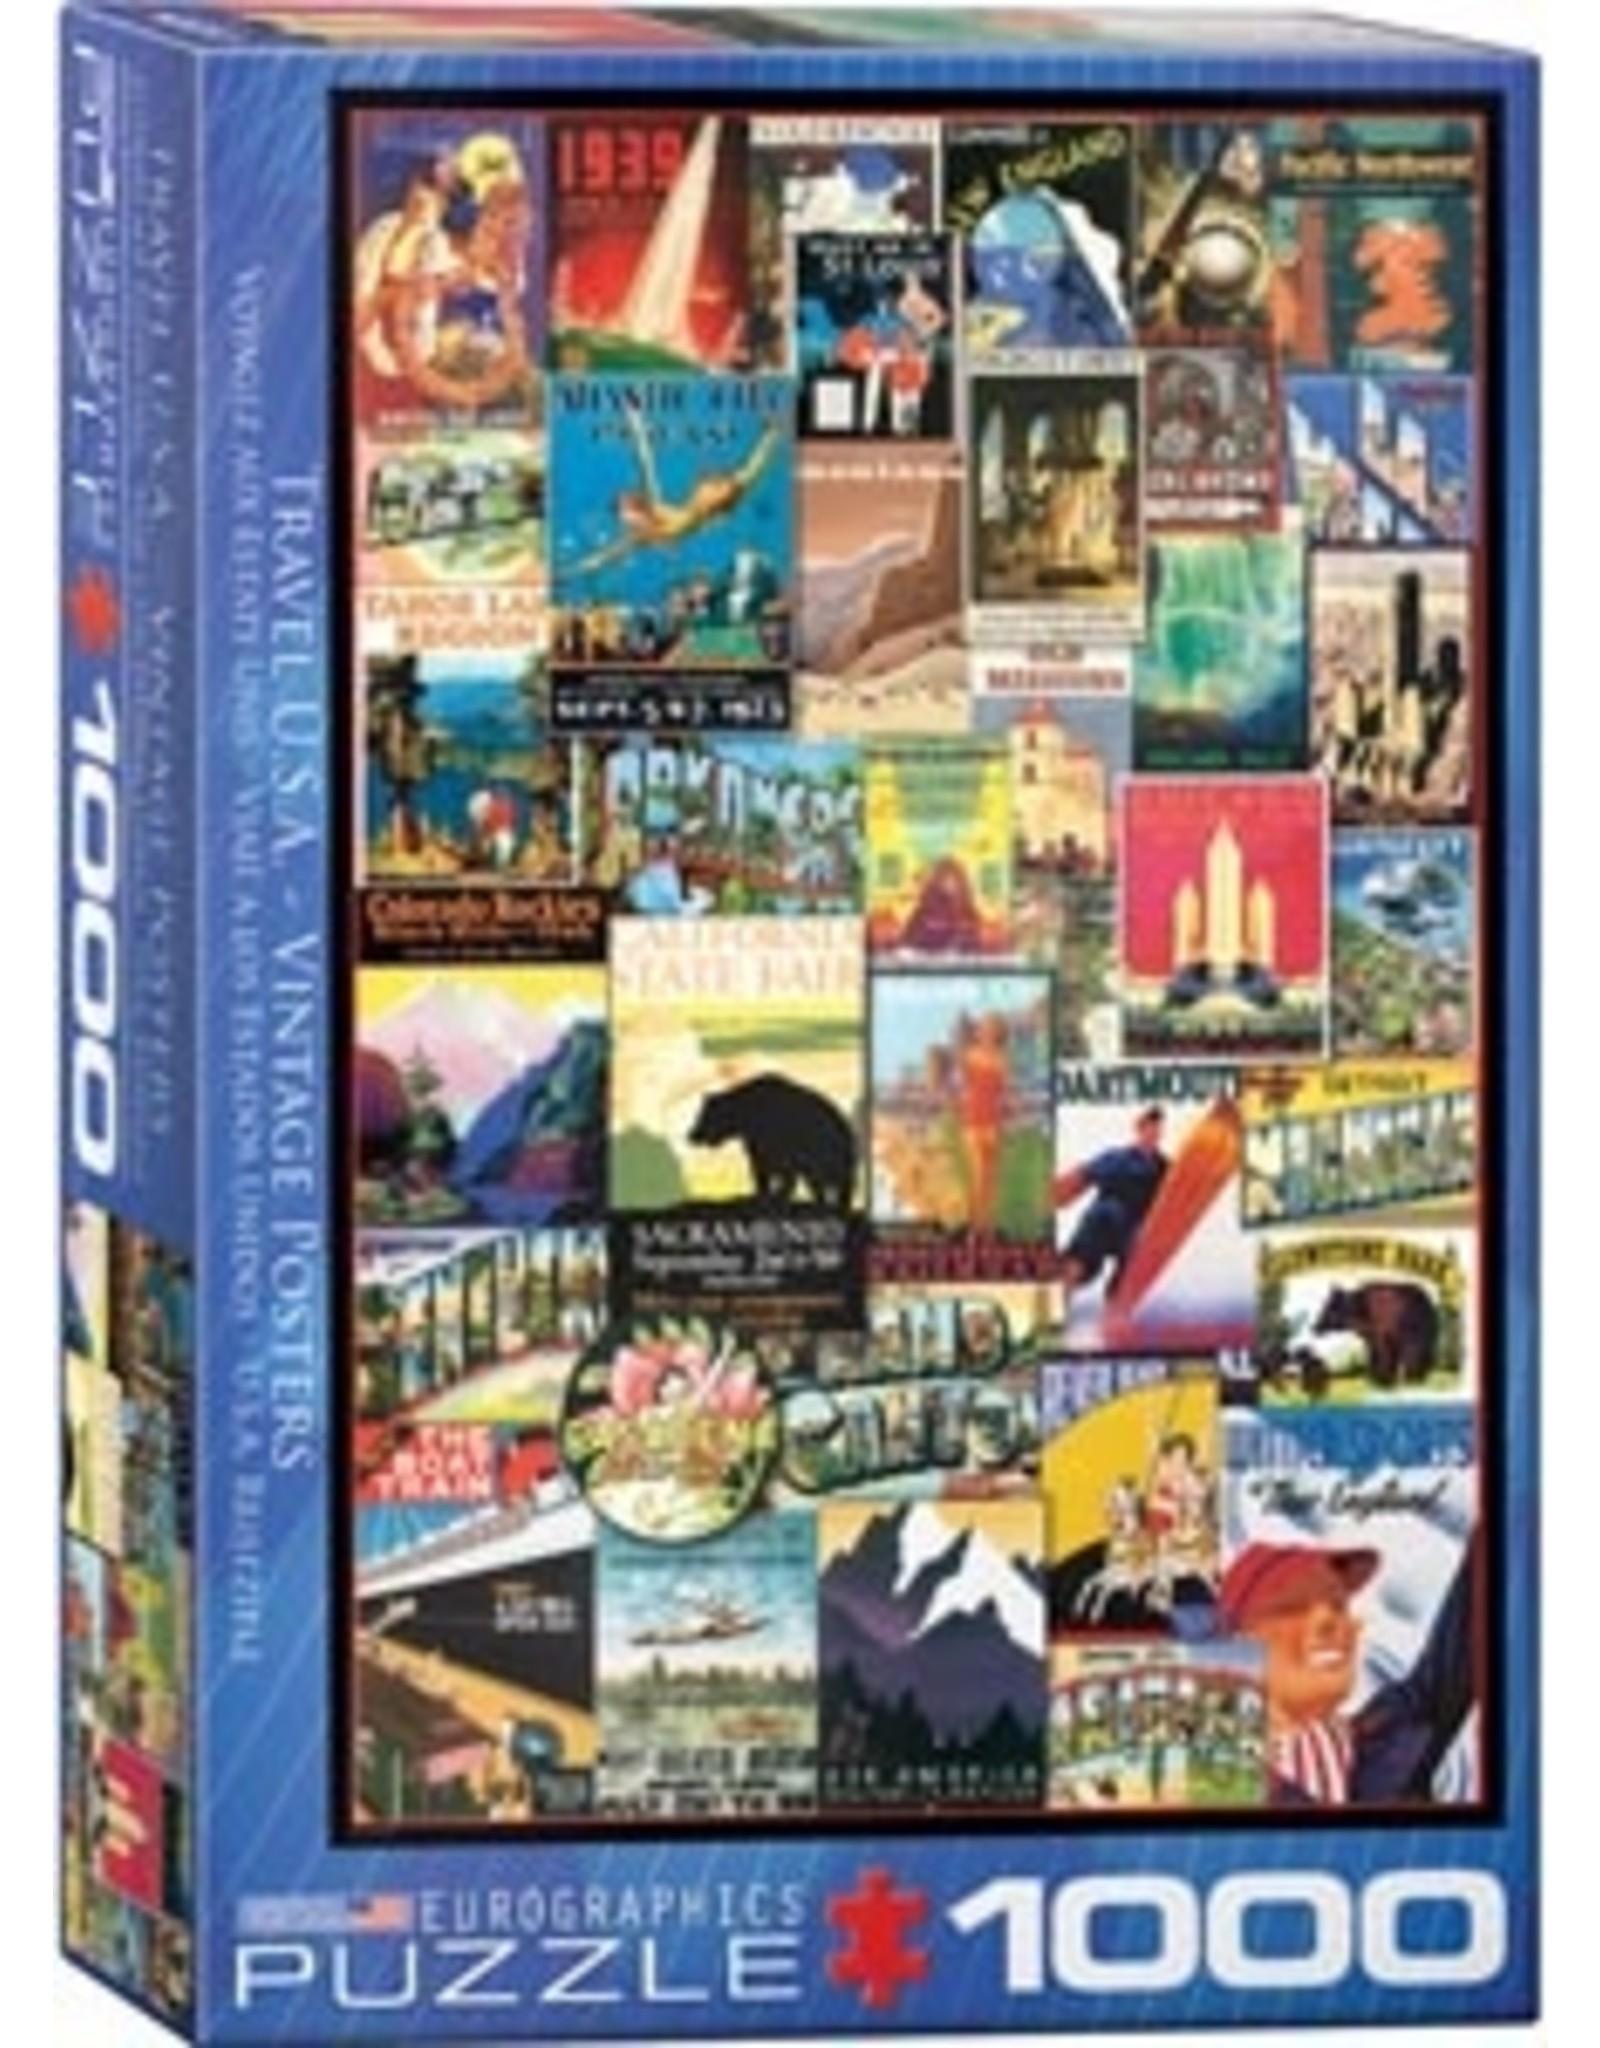 Eurographics Travel USA Vintage Posters